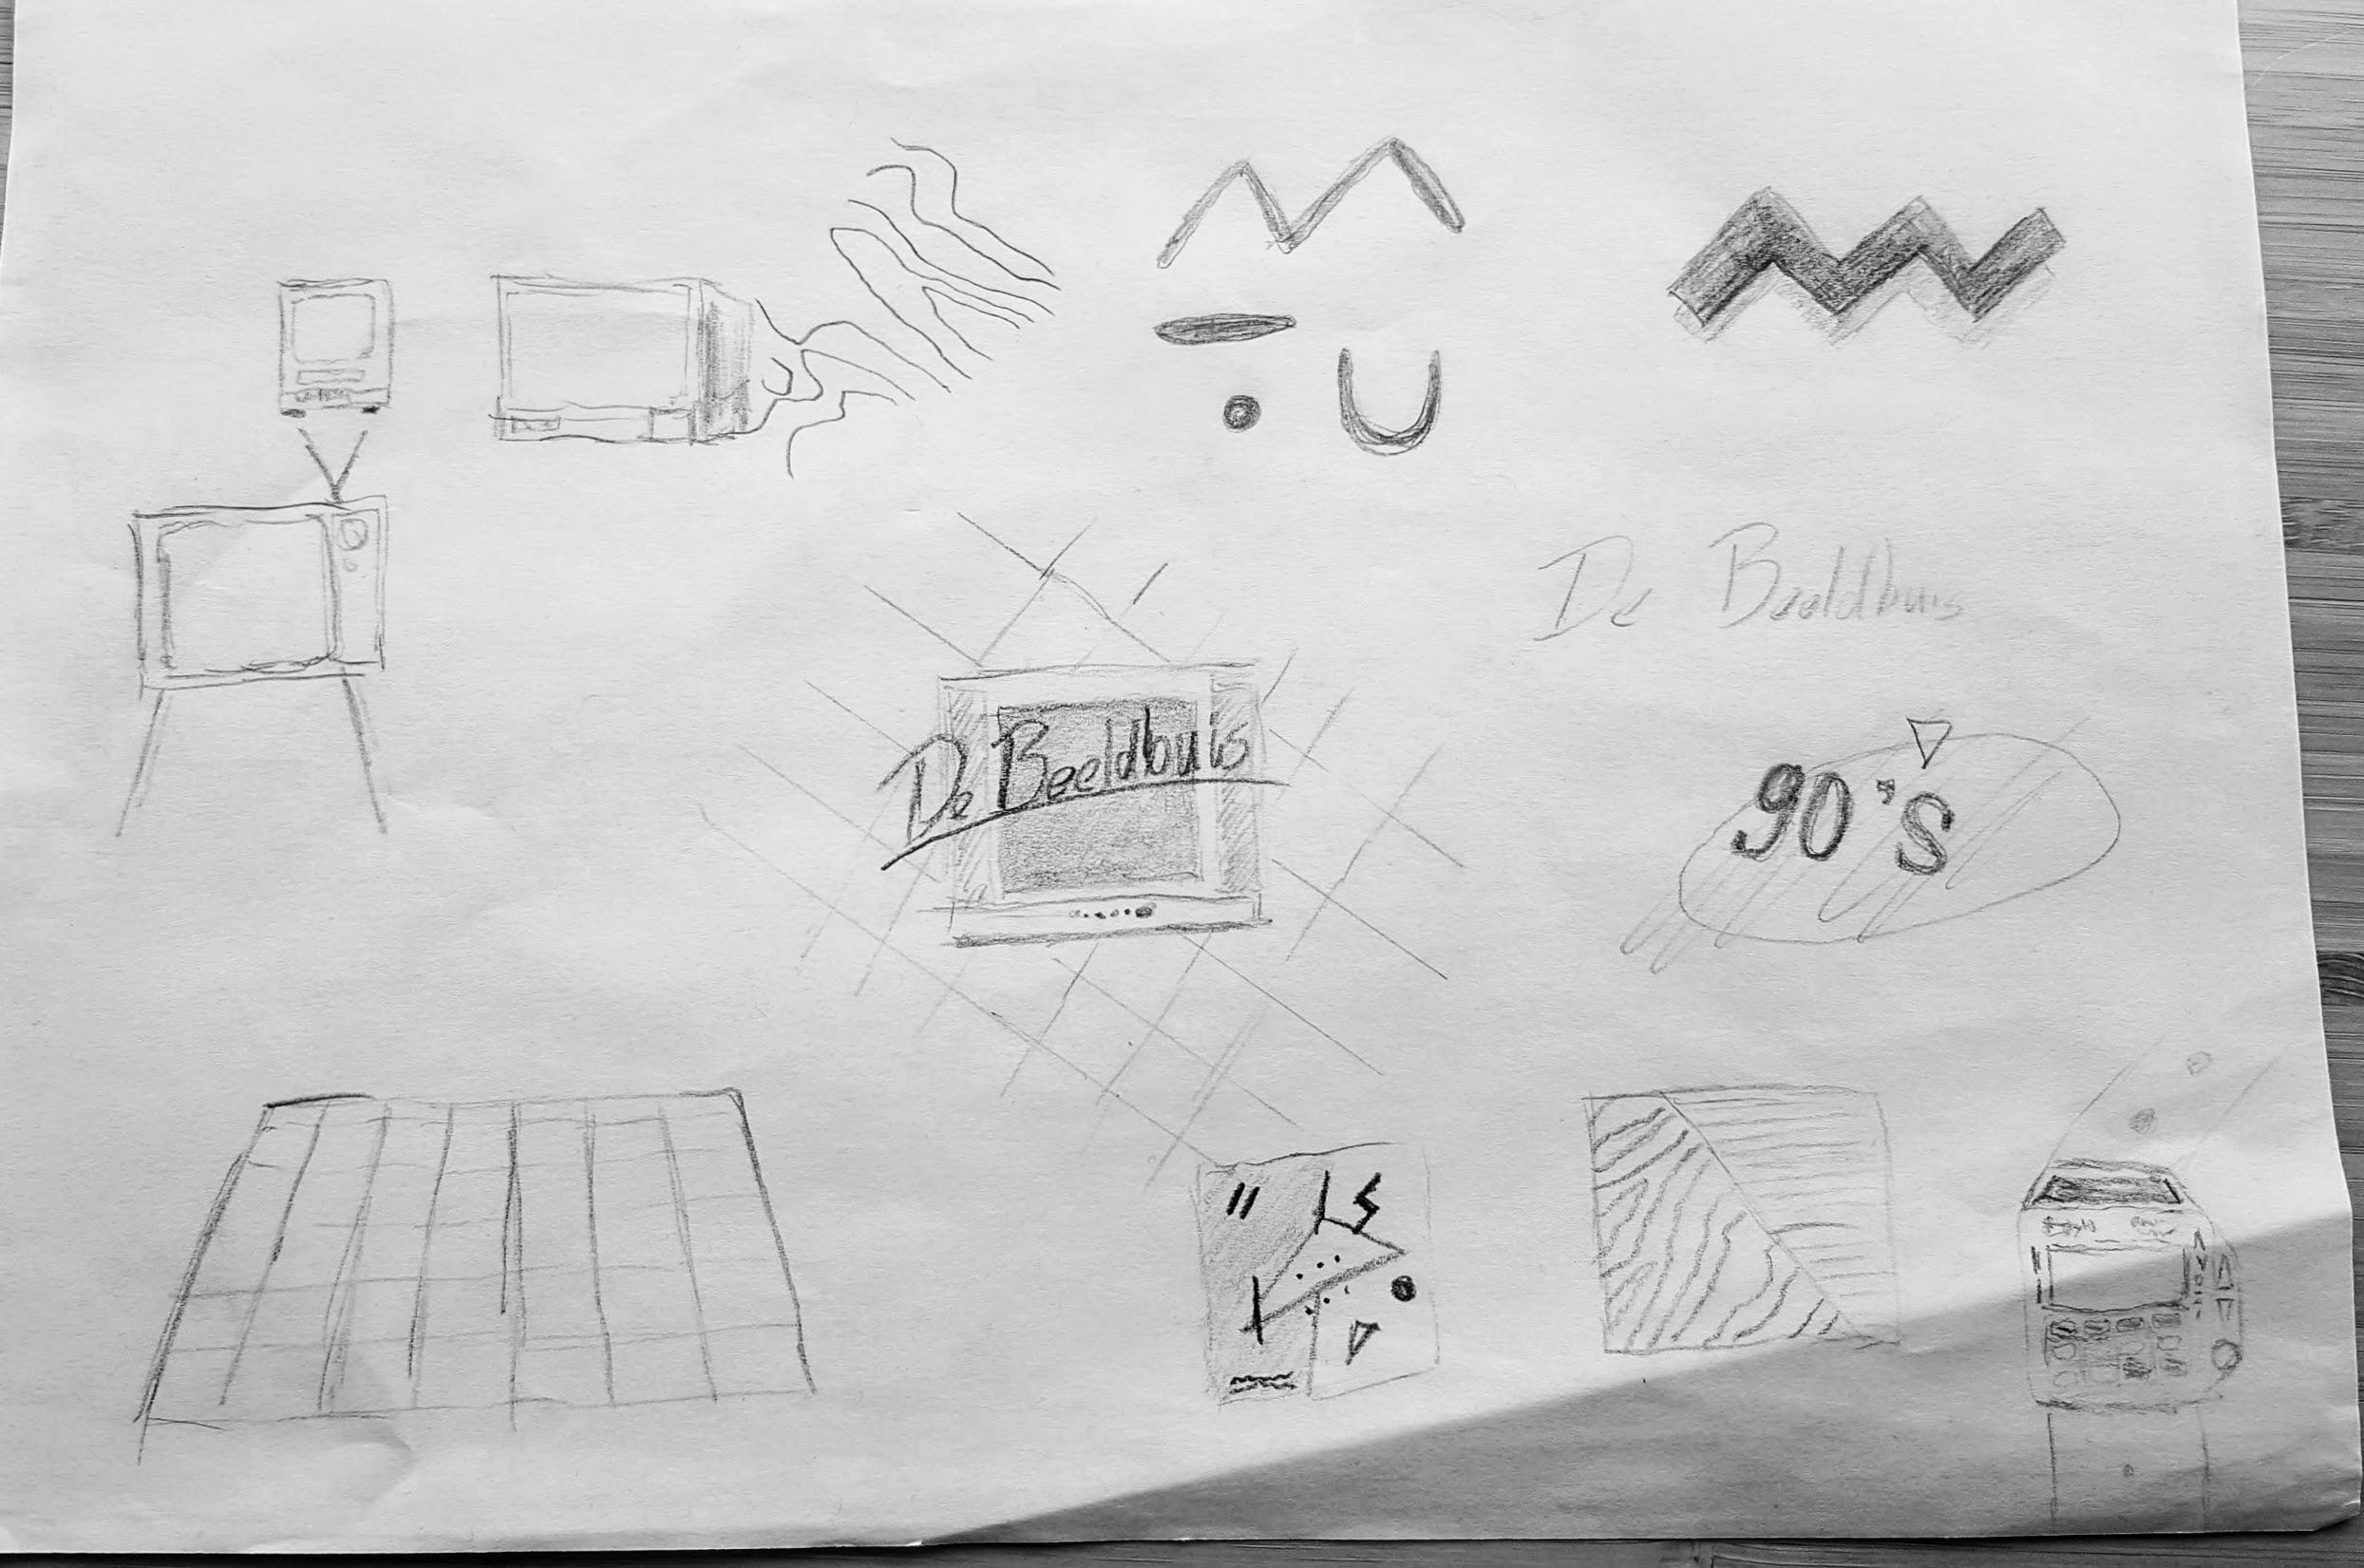 beeldbuis-sketch